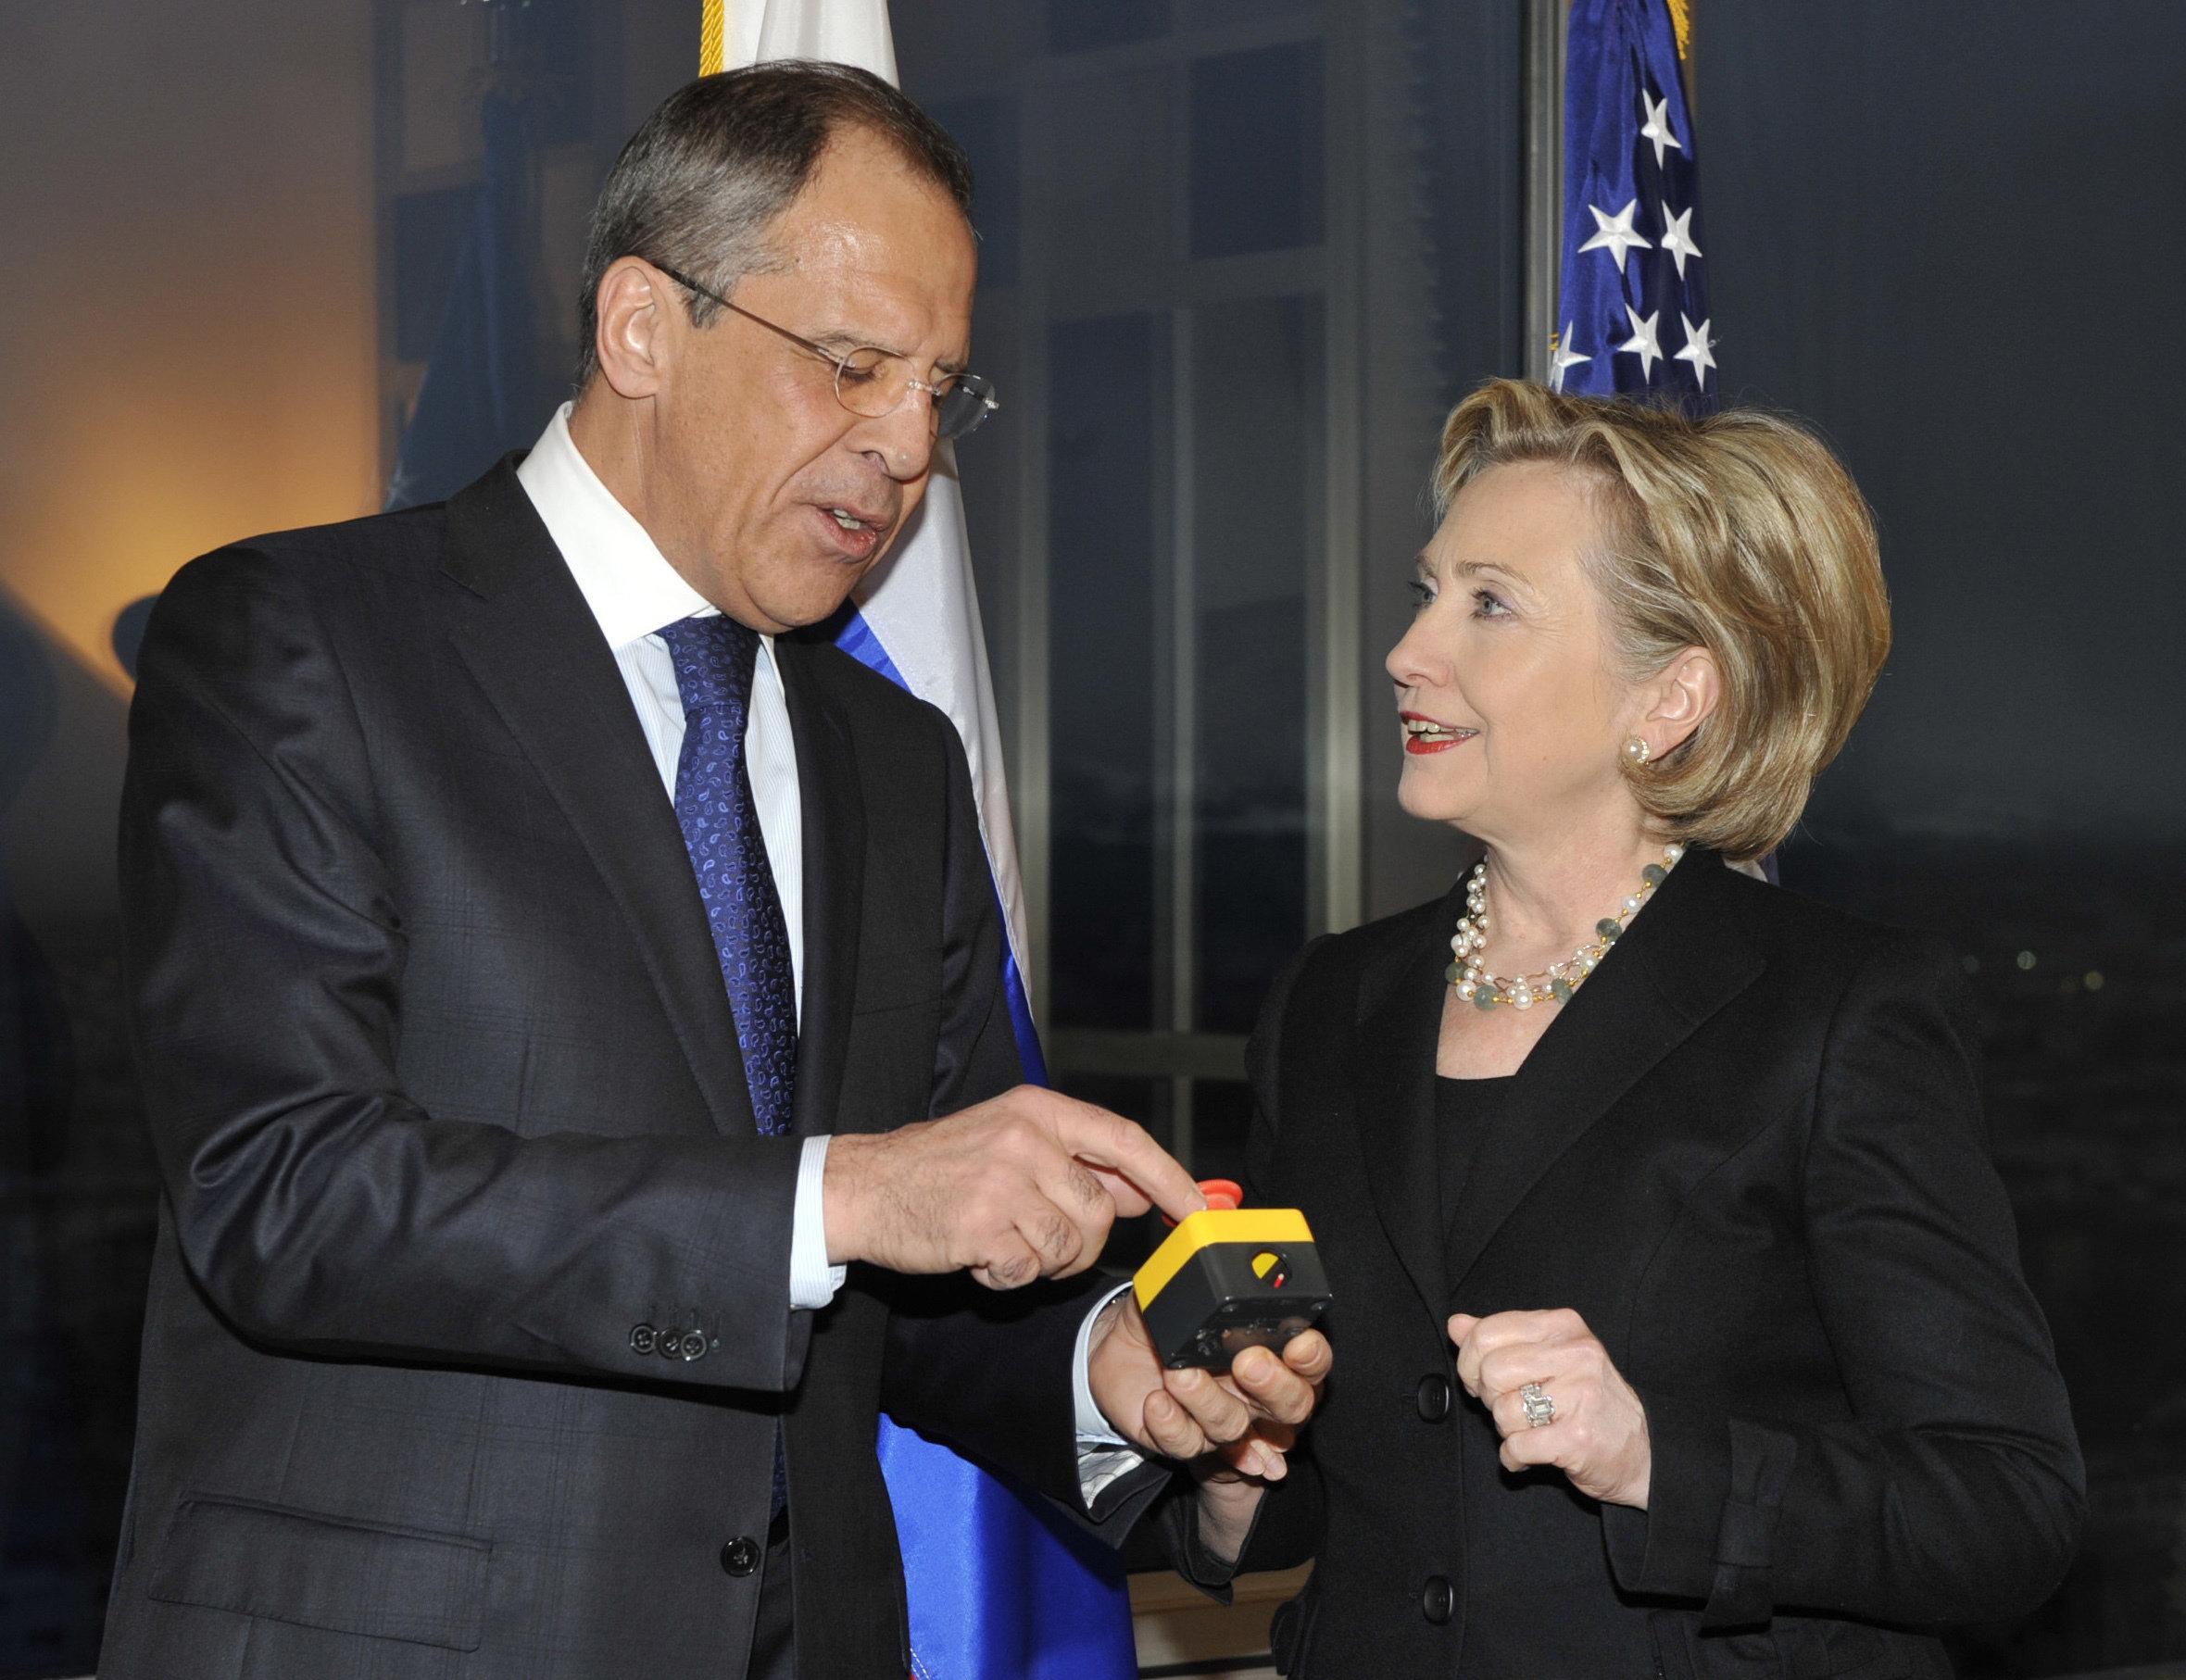 Serguéi Lavrov, ministro de Exteriores de Rusia, le indica a Hillary Clinton, secretaria de Estado de EEUU, el error en la traducción al ruso de la palabra 'Reinicio' el 6 de marzo del 2009 en Moscú (Rusia)